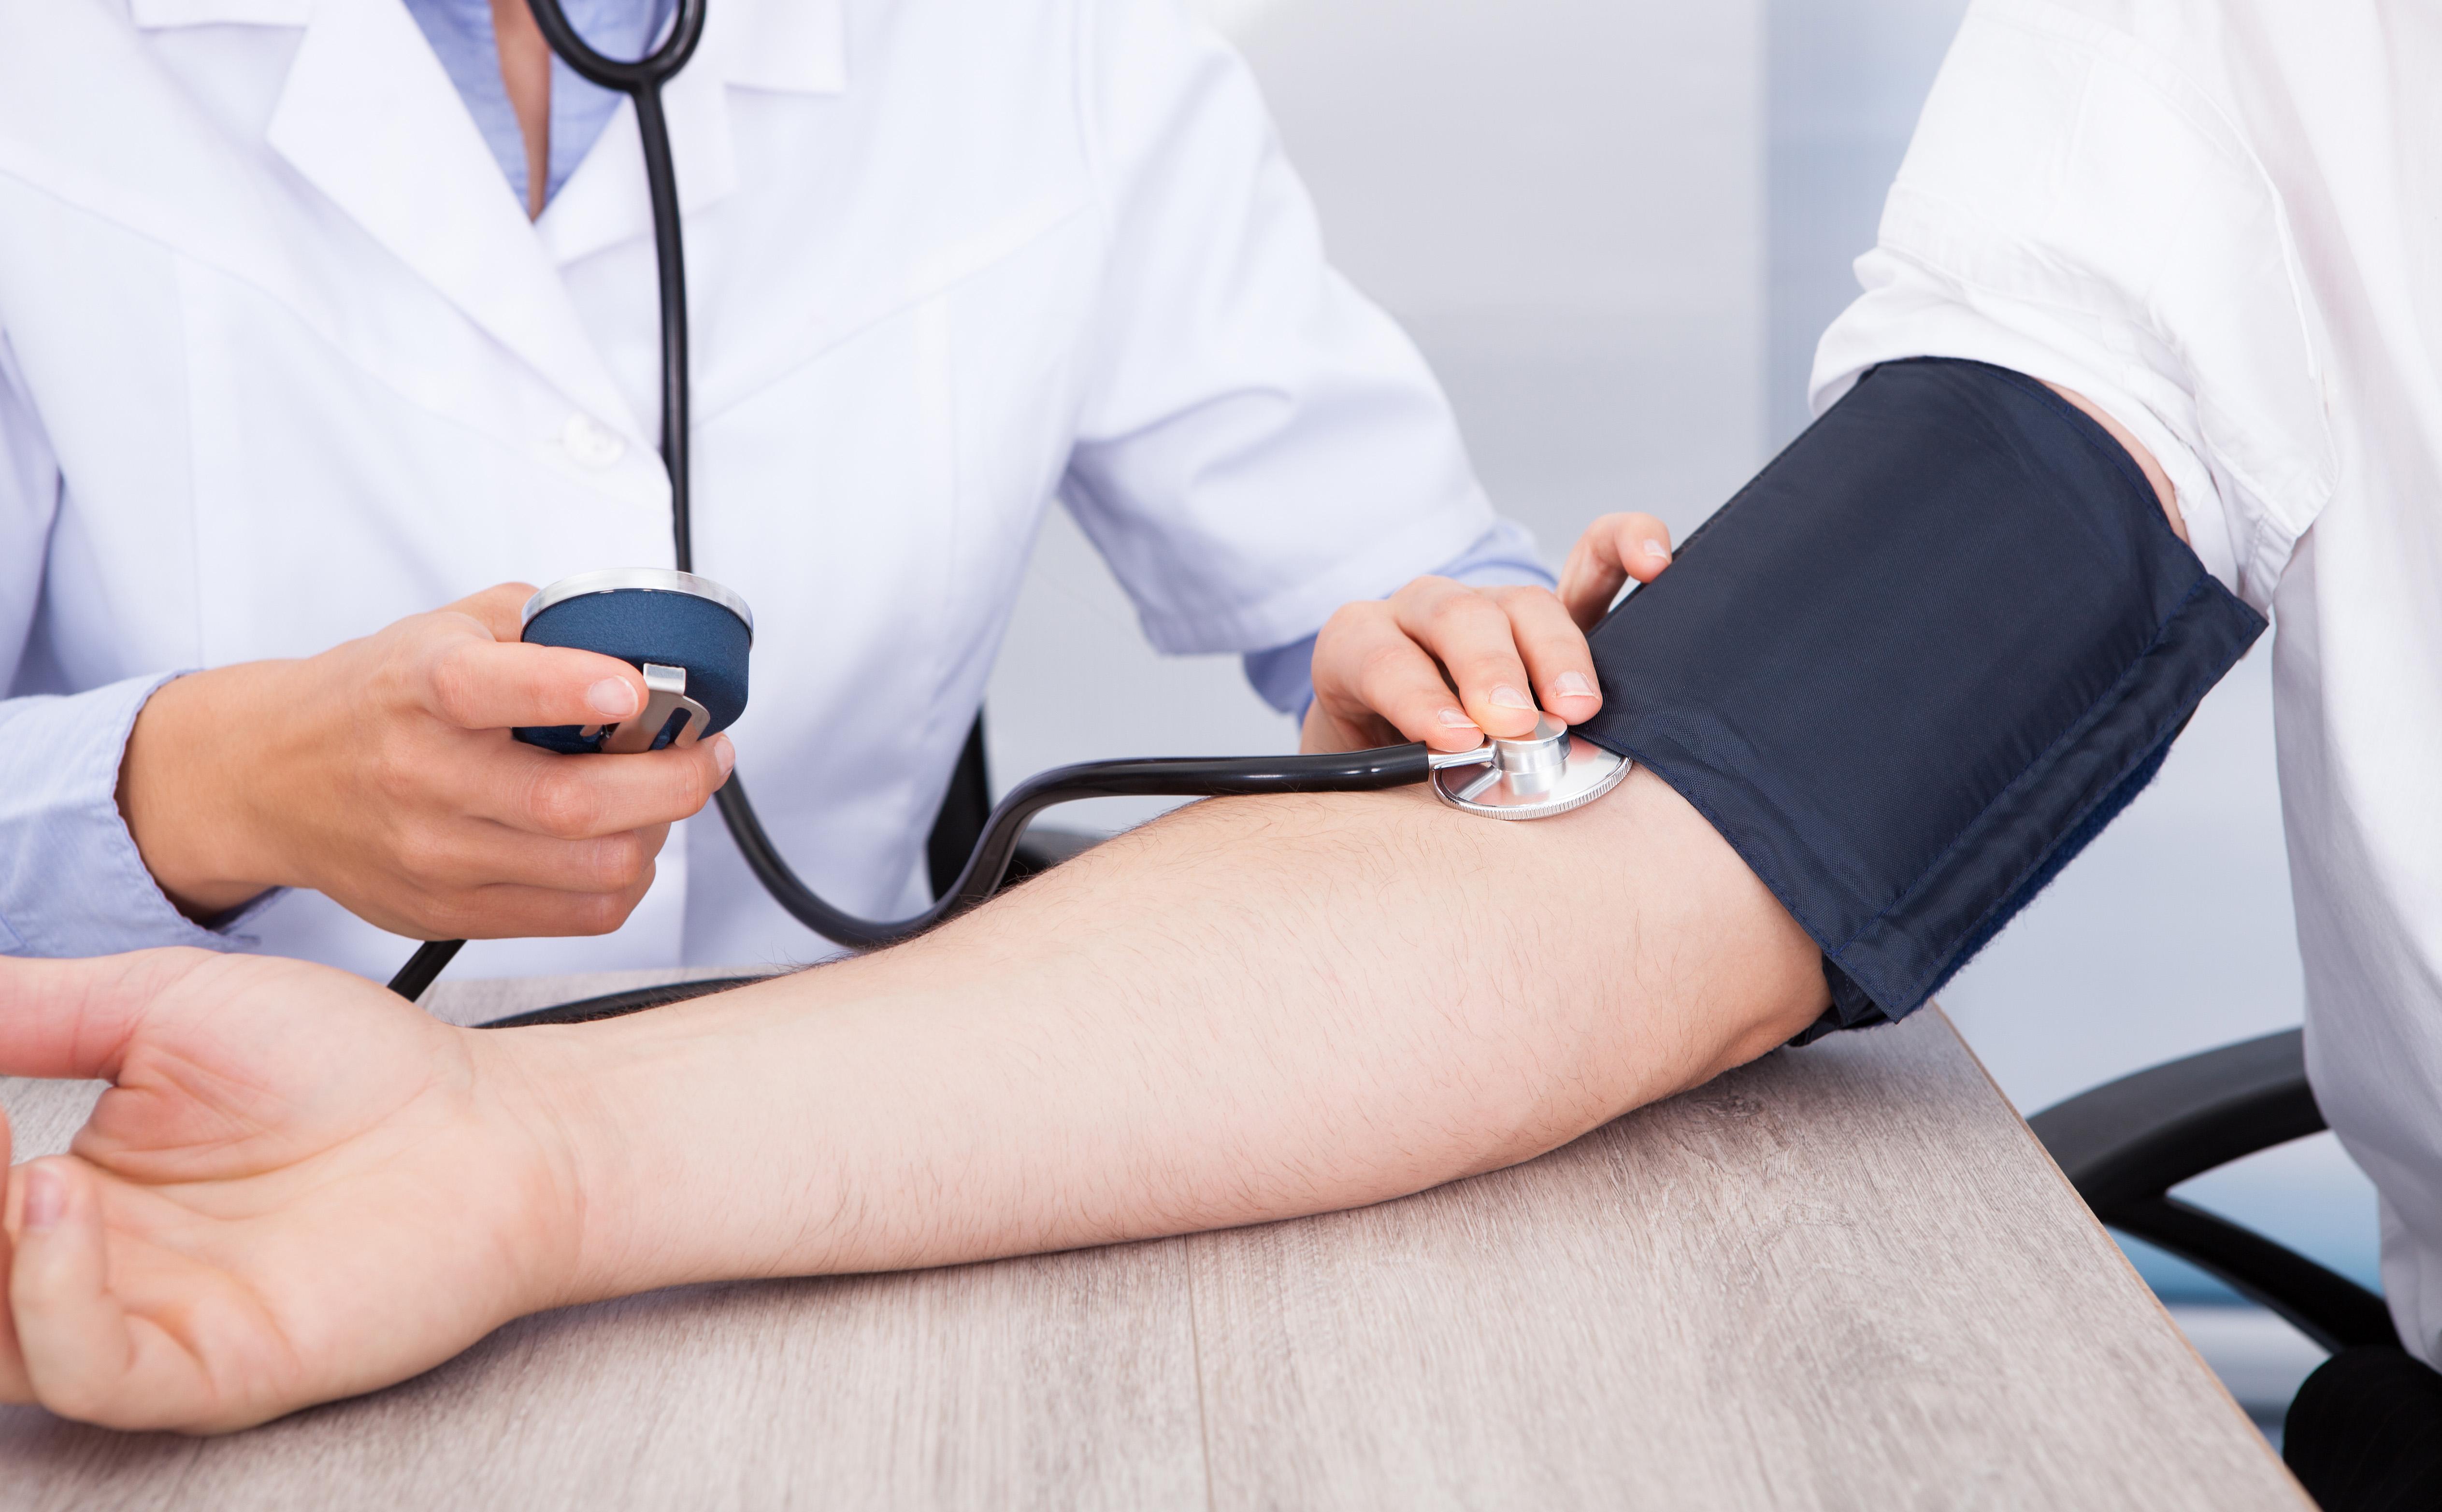 szívfájdalom hipertónia gyógyszerek magas vérnyomásban élnek